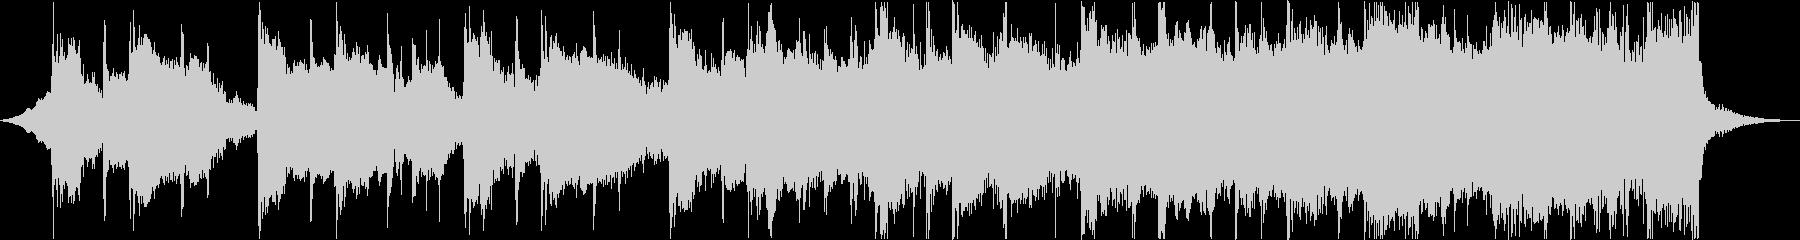 CM映像感動系アコースティックギターcの未再生の波形